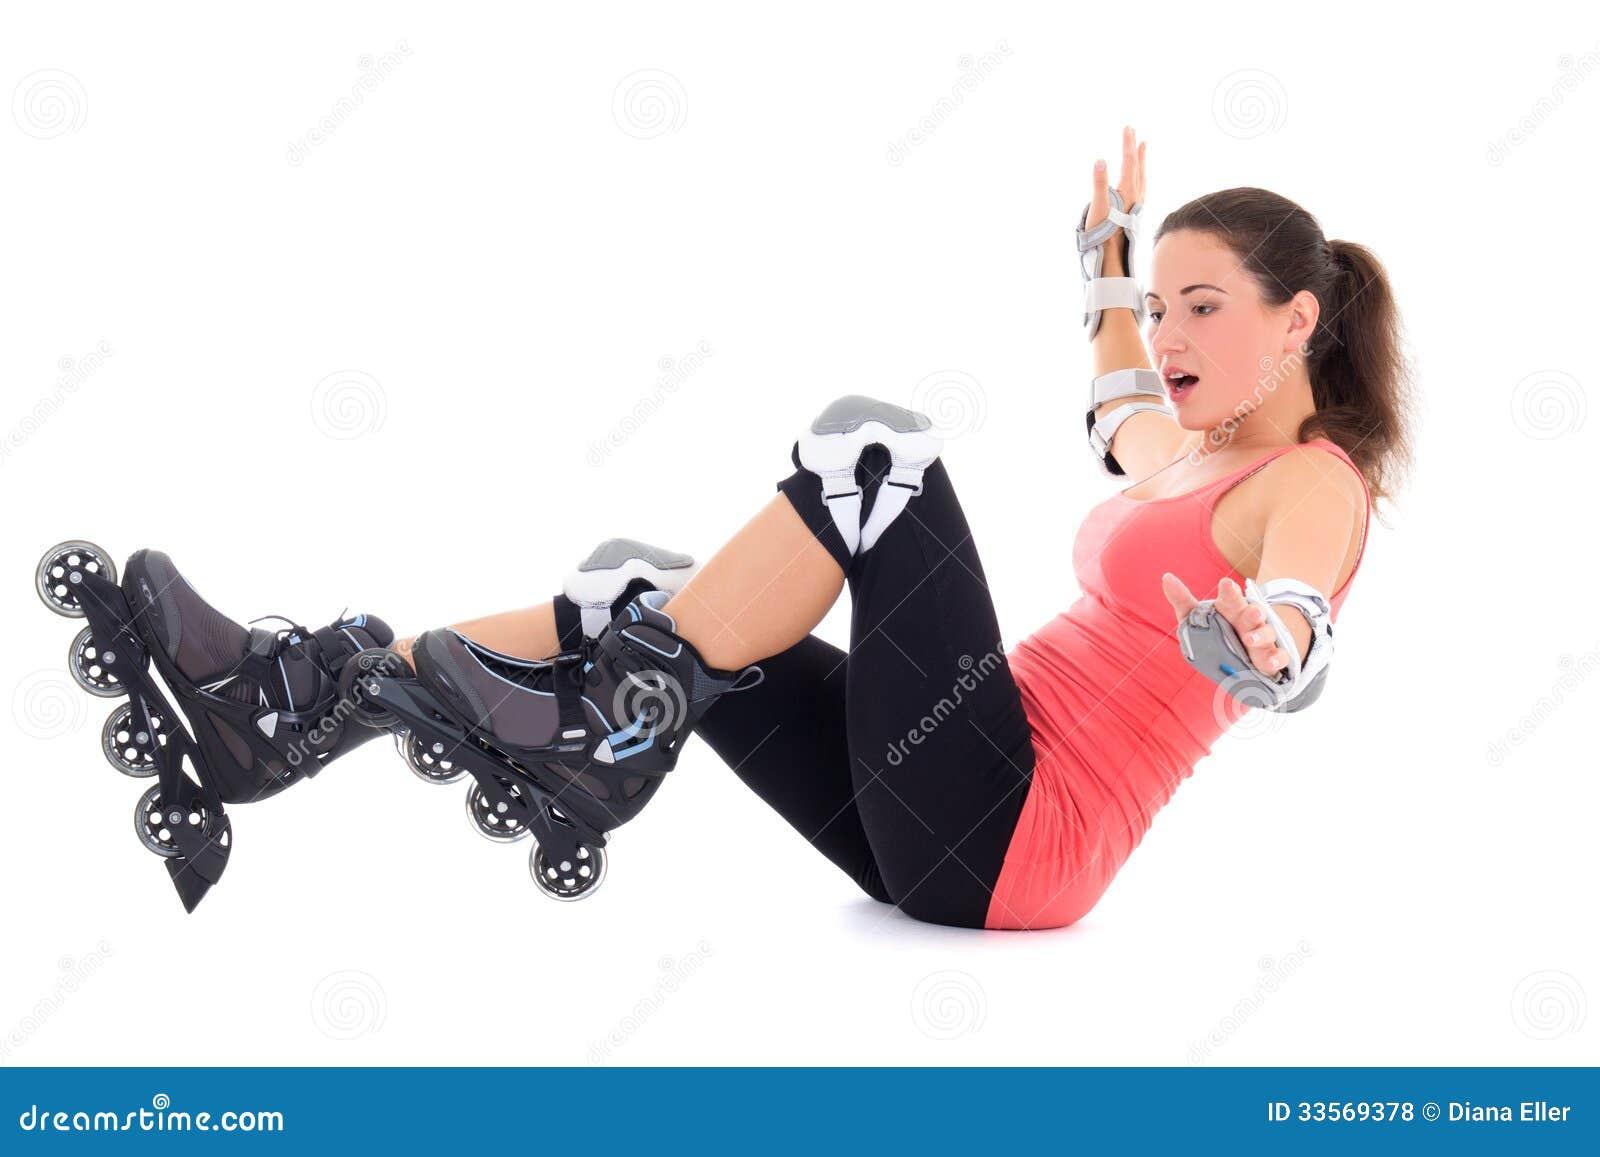 Frau beim Rollschuhfallen lokalisiert auf weißem Hintergrund